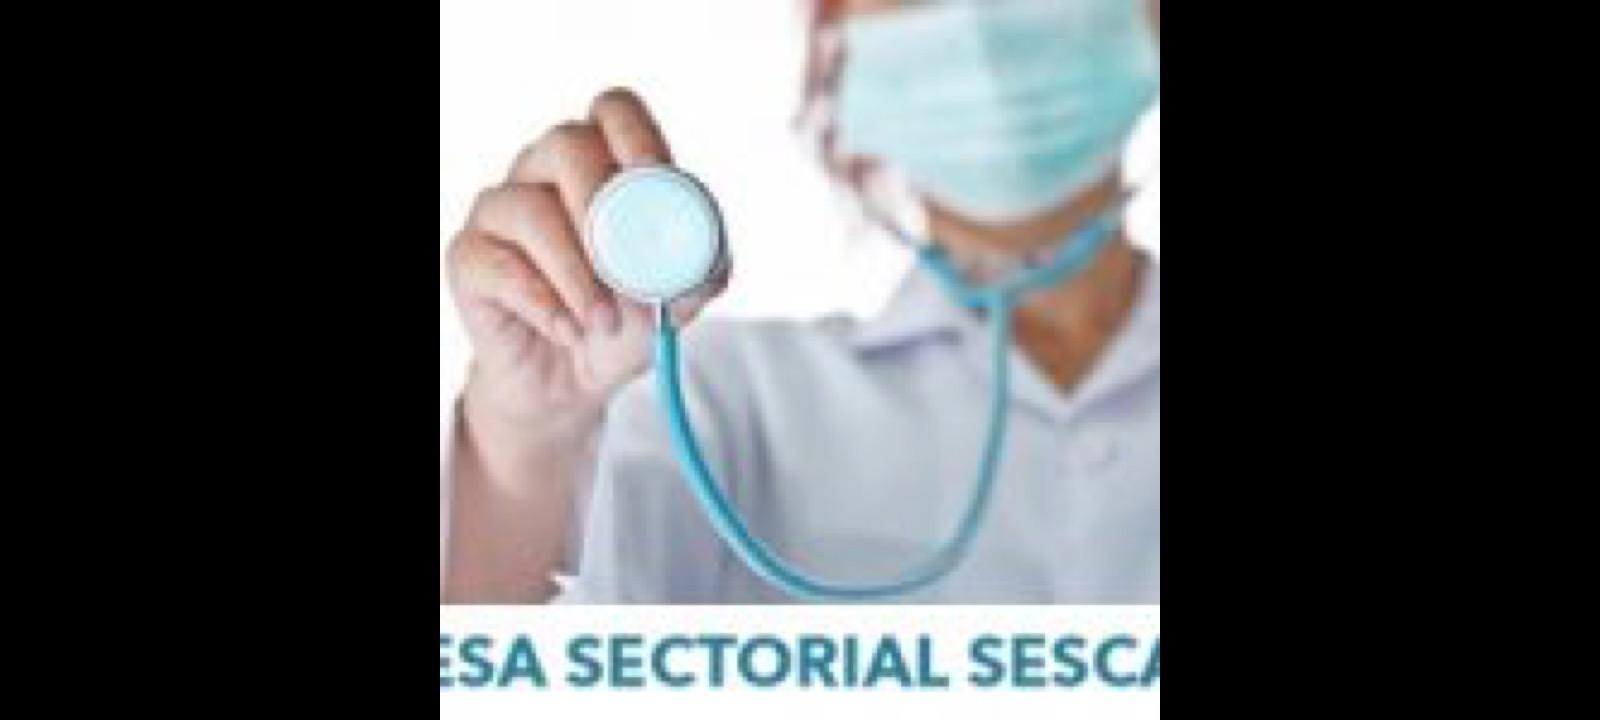 COMITÉ SECTORIAL DE SEGURIDAD Y SALUD LABORAL DEL SESCAM (10 de enero 2018)